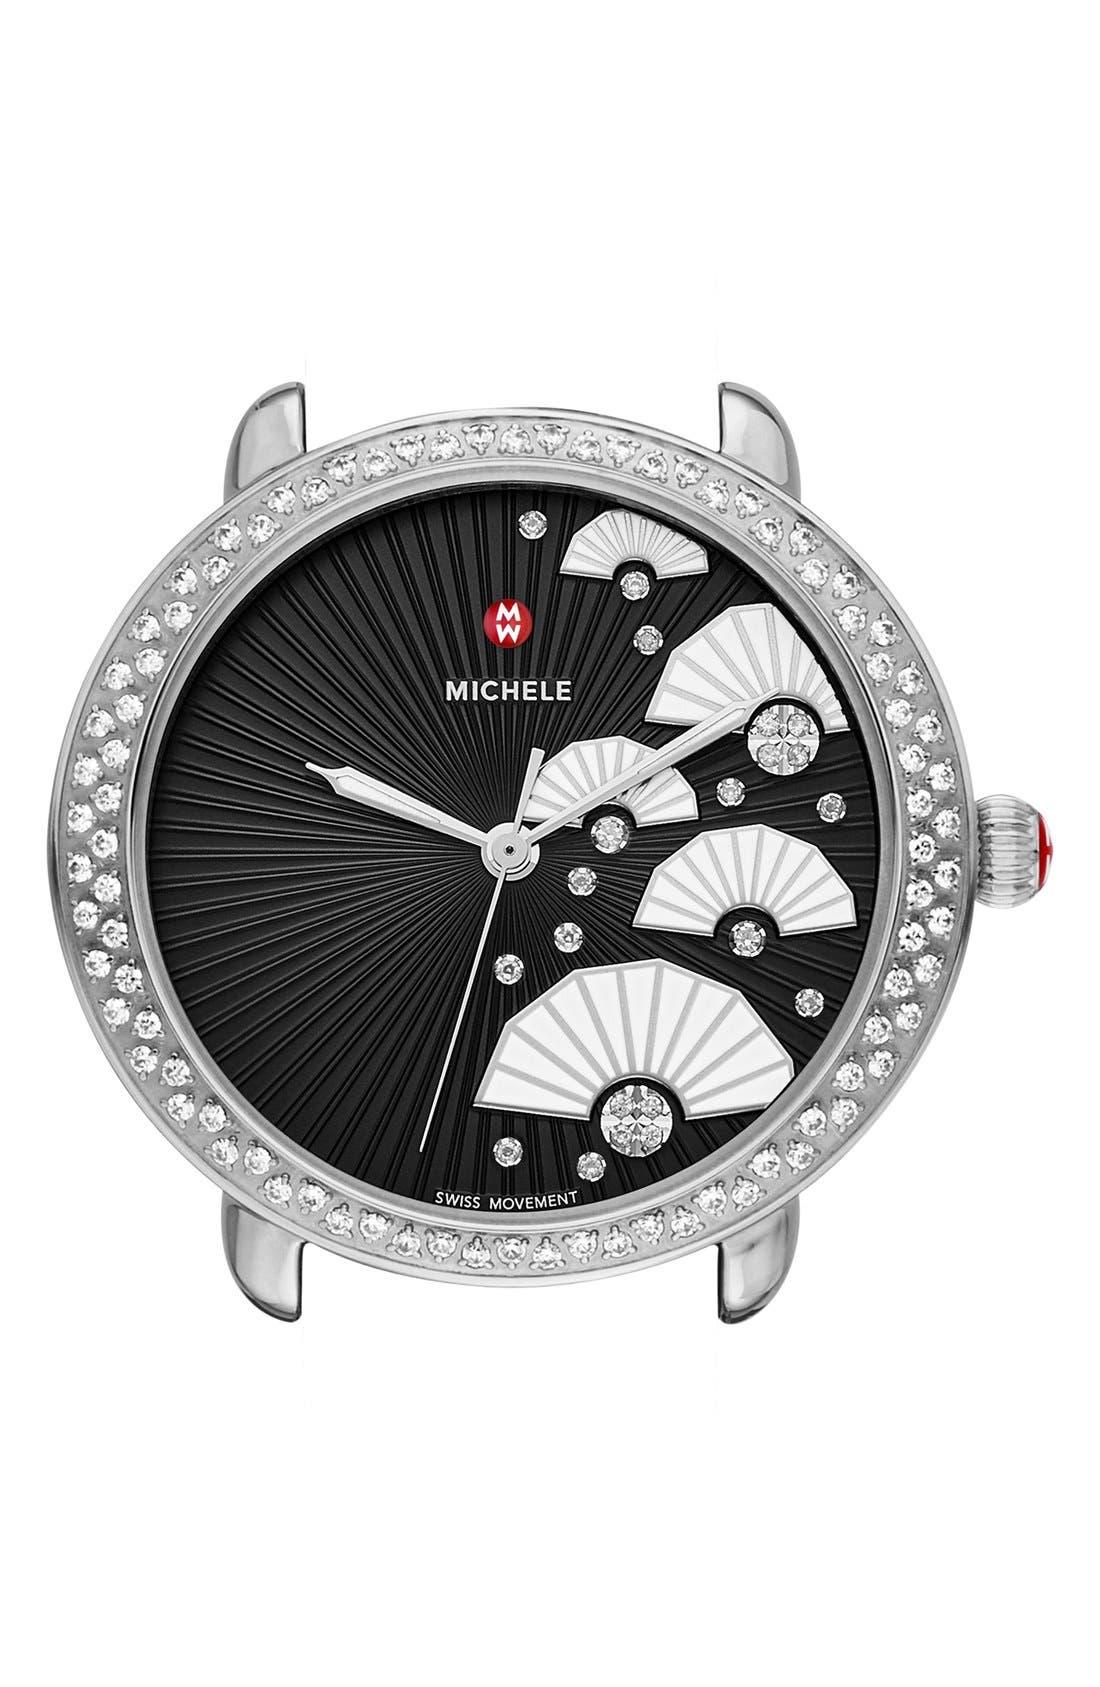 MICHELE Serein 16 Diamond Diamond Fan Dial Watch Case, 36mm x 34mm